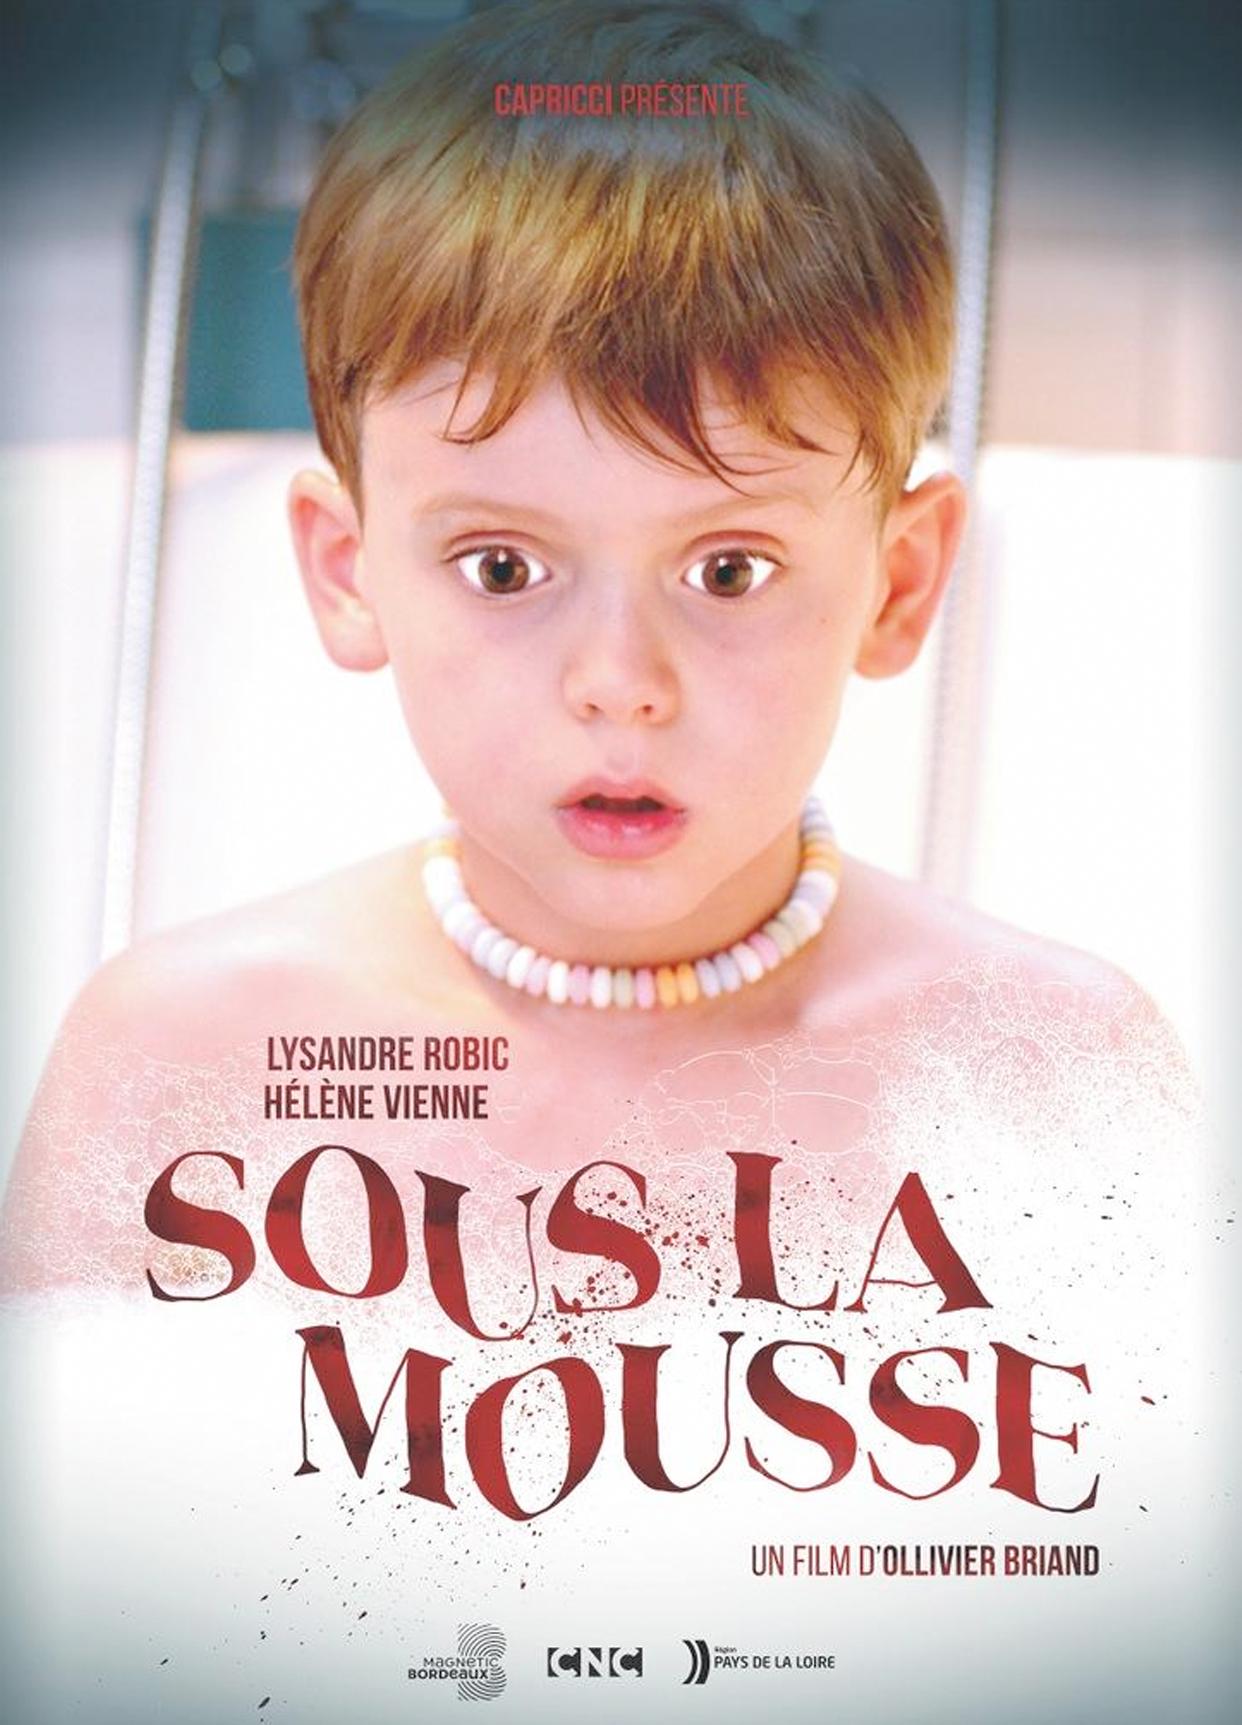 SOUS LA MOUSSE - Ollivier Briand